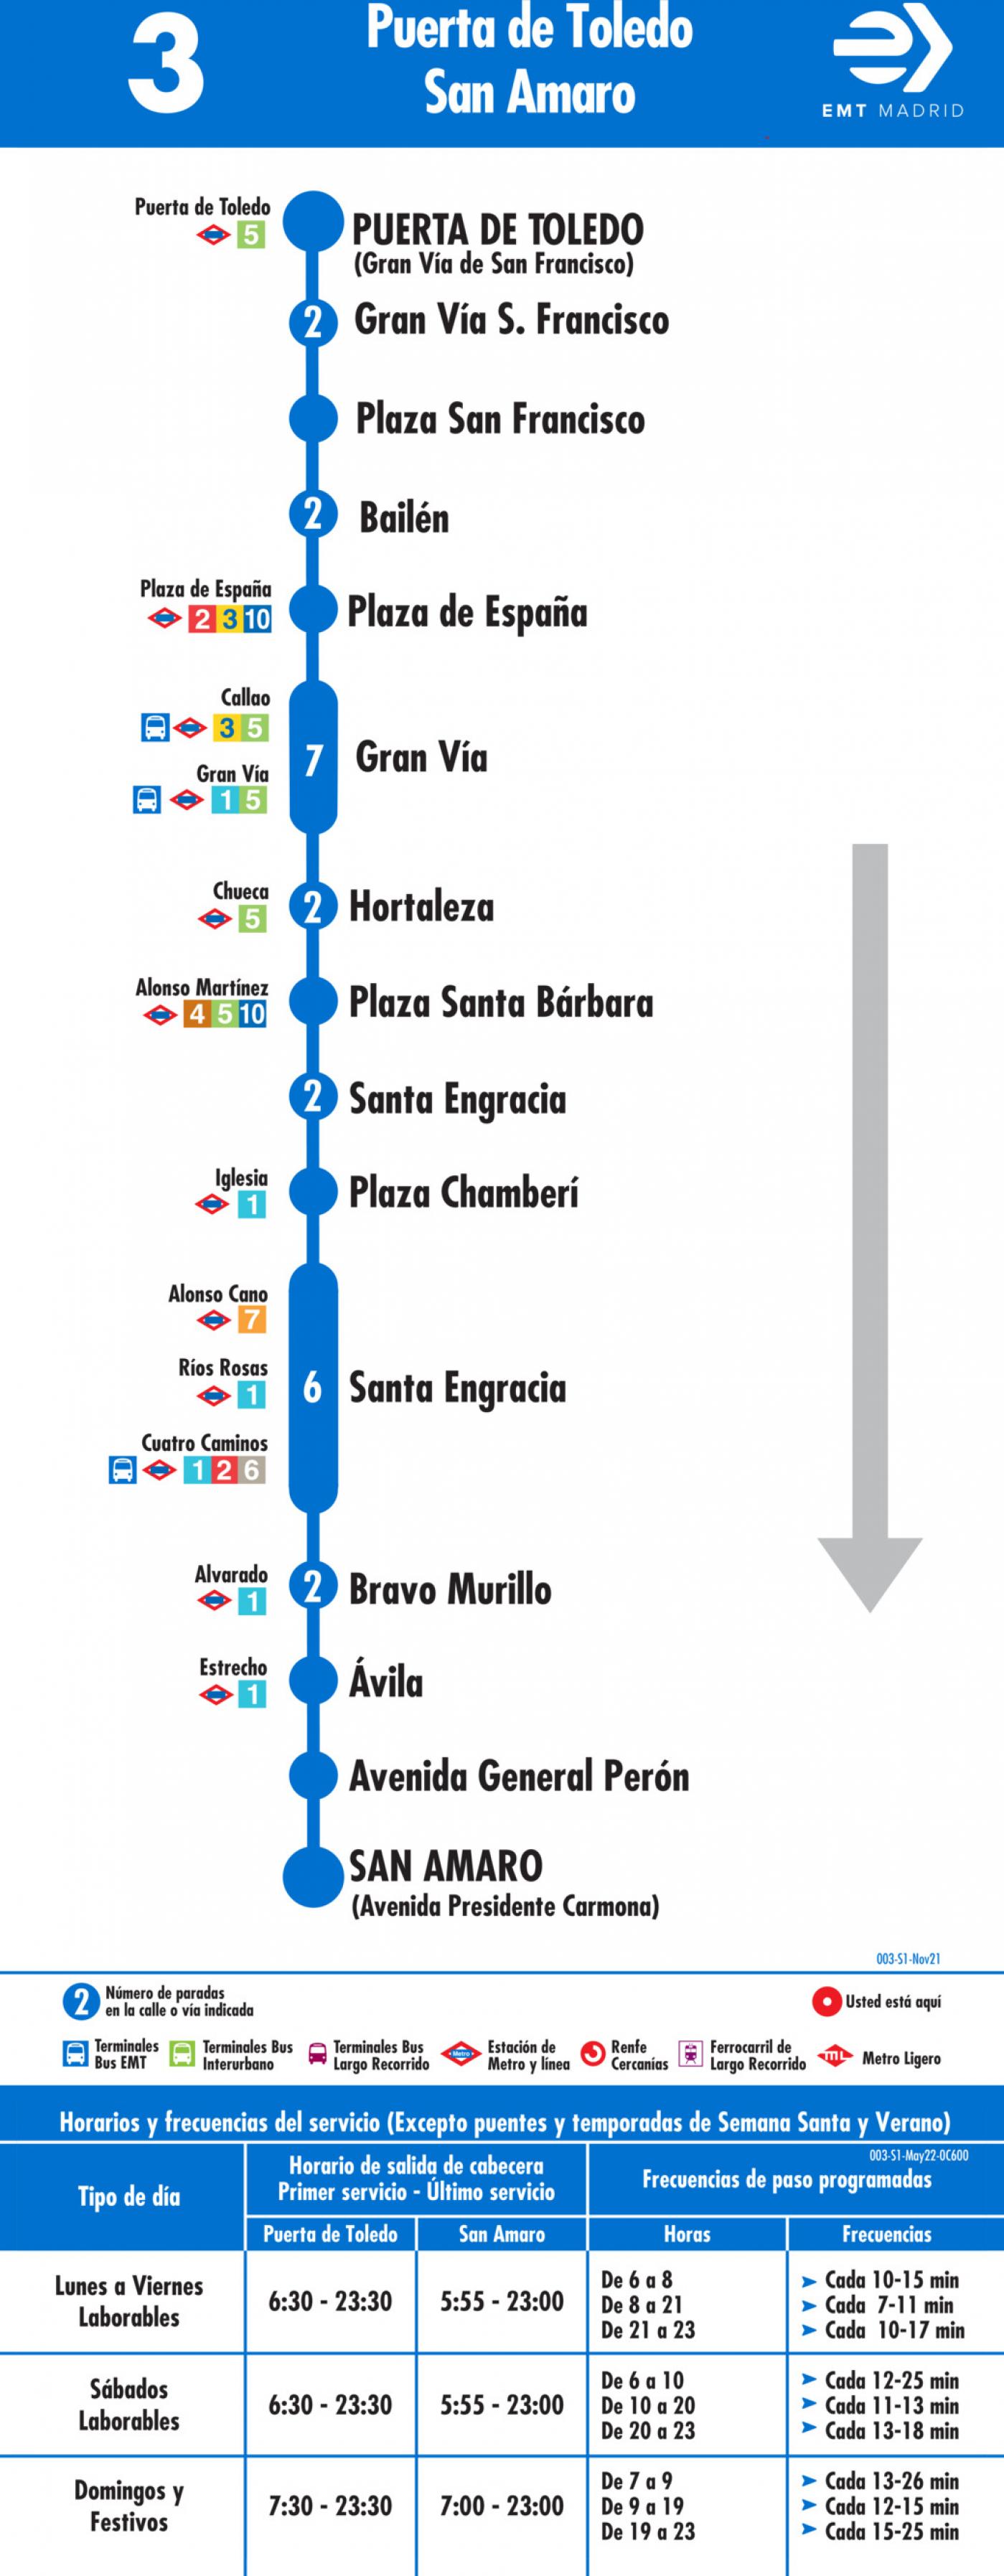 Tabla de horarios y frecuencias de paso en sentido ida Línea 3: Puerta de Toledo - Plaza de San Amaro